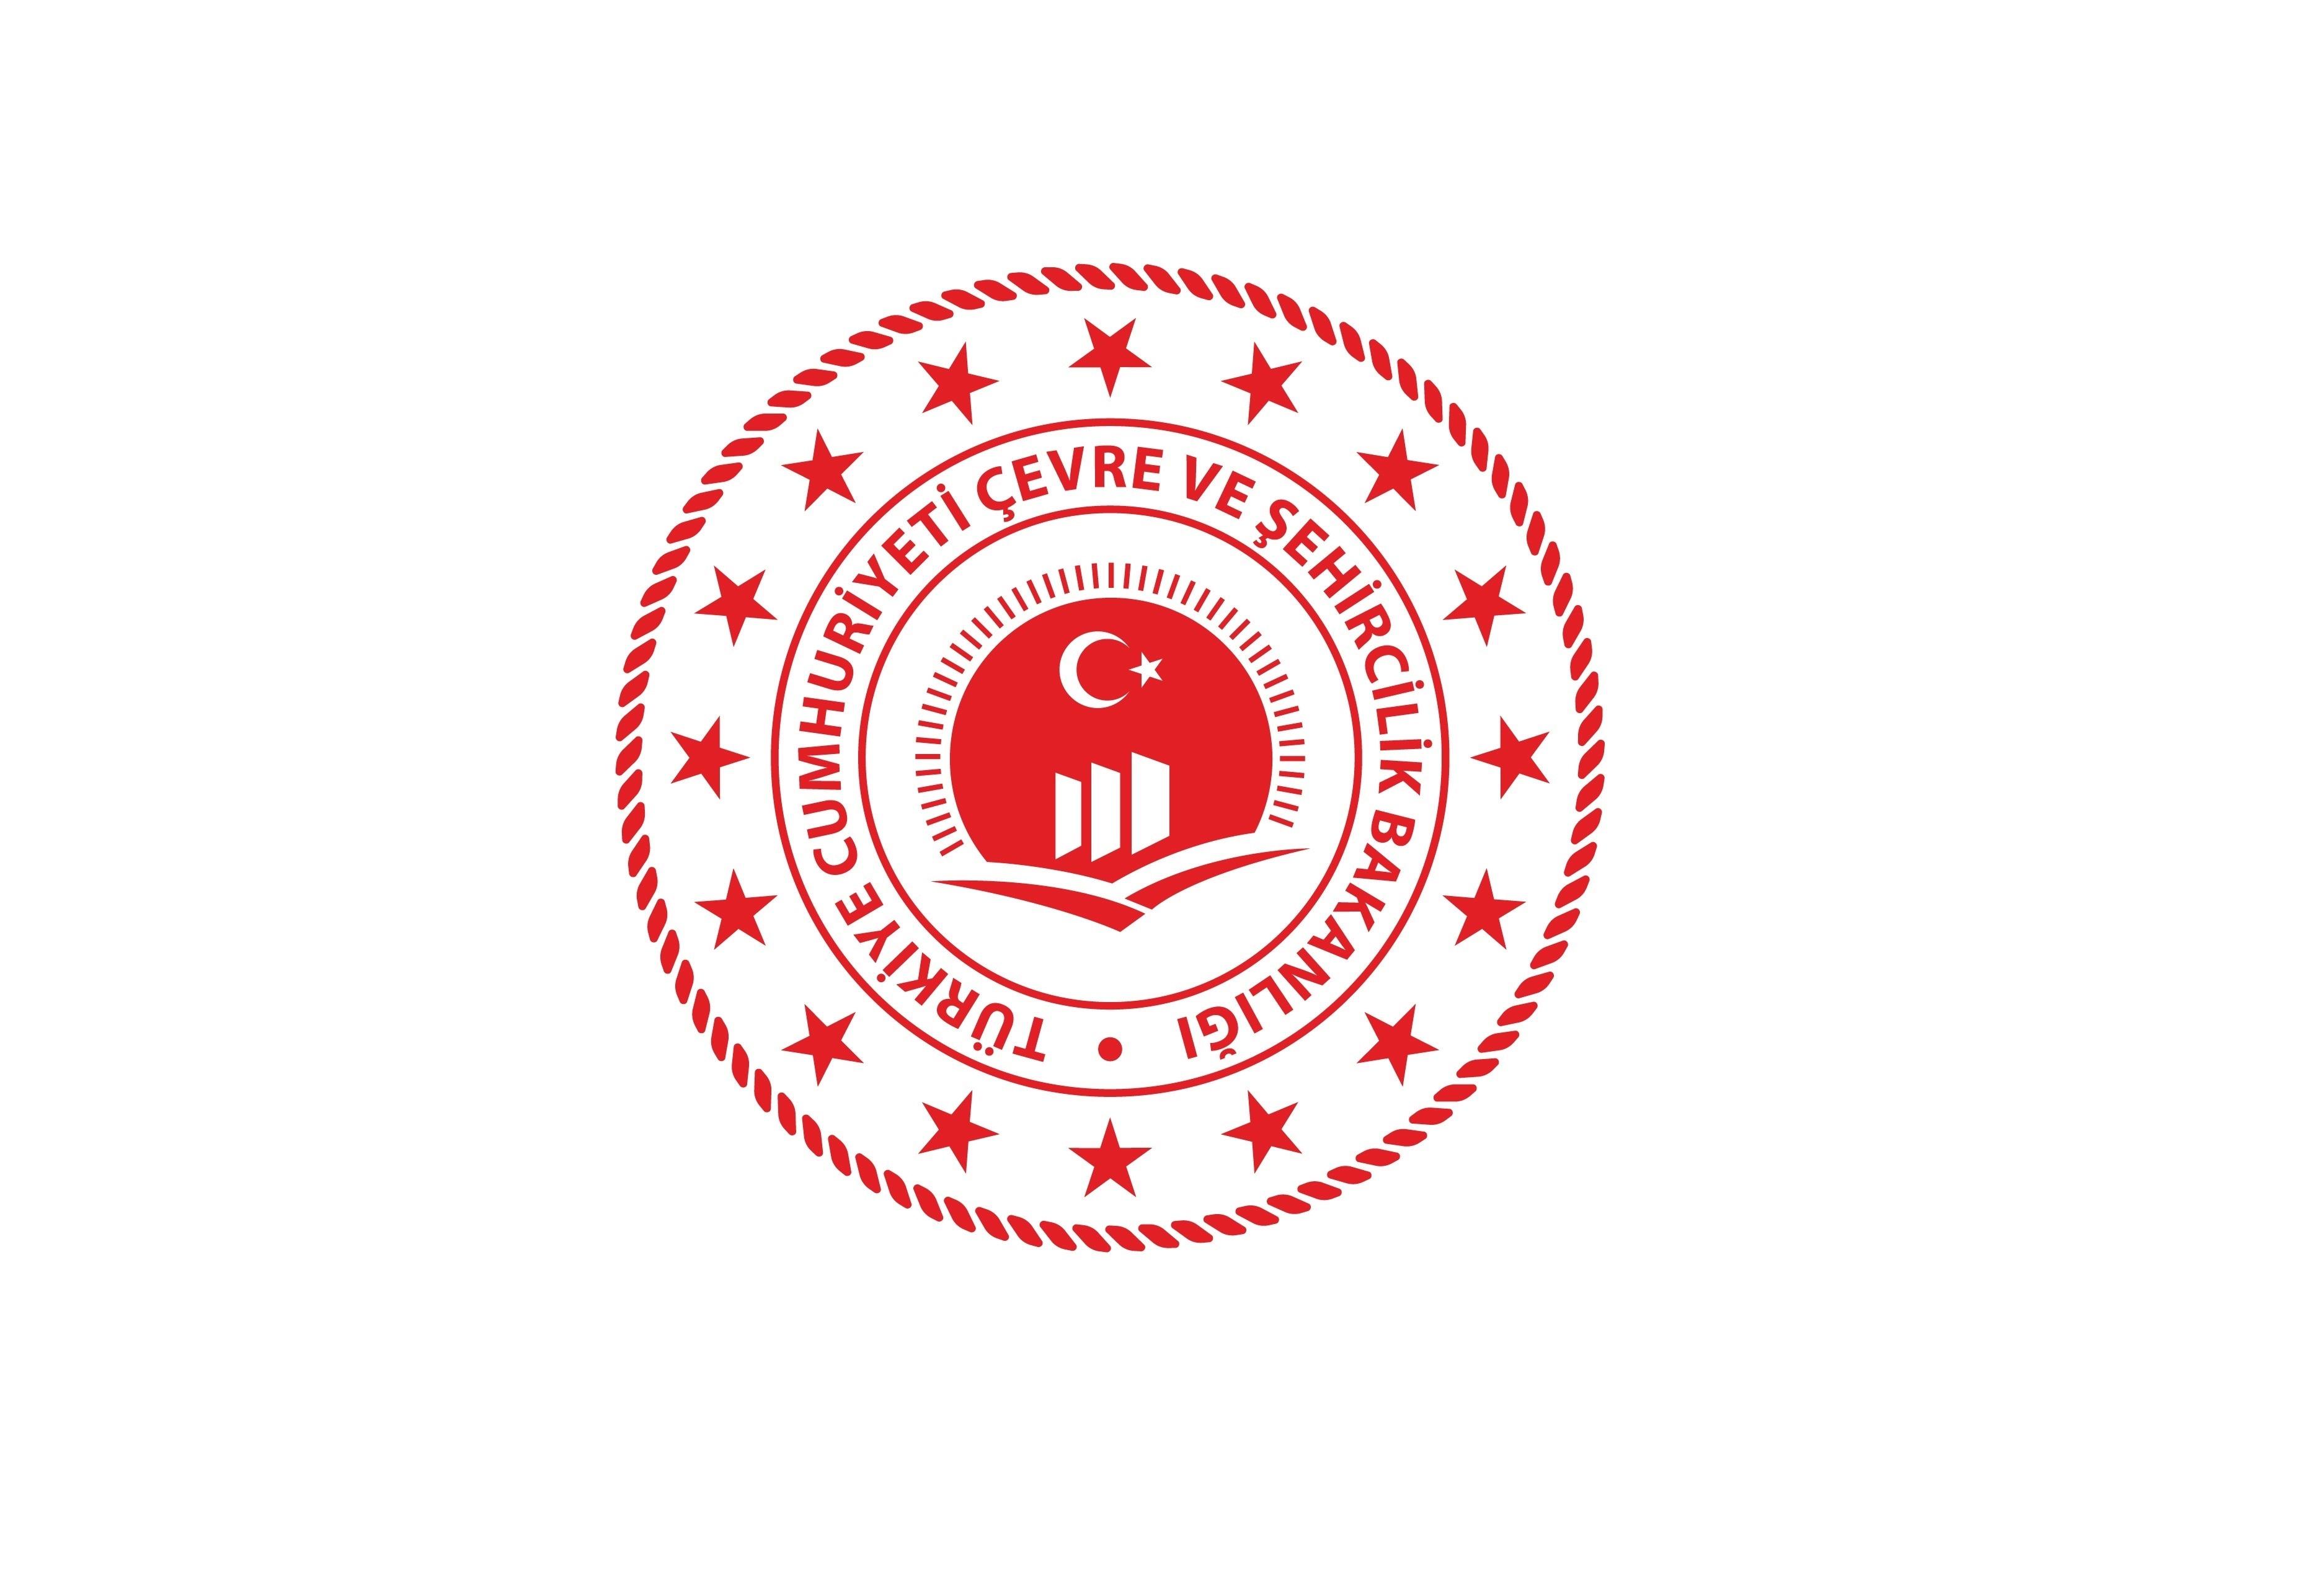 Çevre ve Şehircilik Bakanlığı Milli Emlak Personelinin Atama ve Yer Değiştirme Yönetmeliği Hükümleri Çerçevesinde; Emlak/Milli Emlak Müdürleri ile Emlak/Milli Emlak Müdür Yardımcılarının Rotasyon Atamaları Neticelendirilmiştir